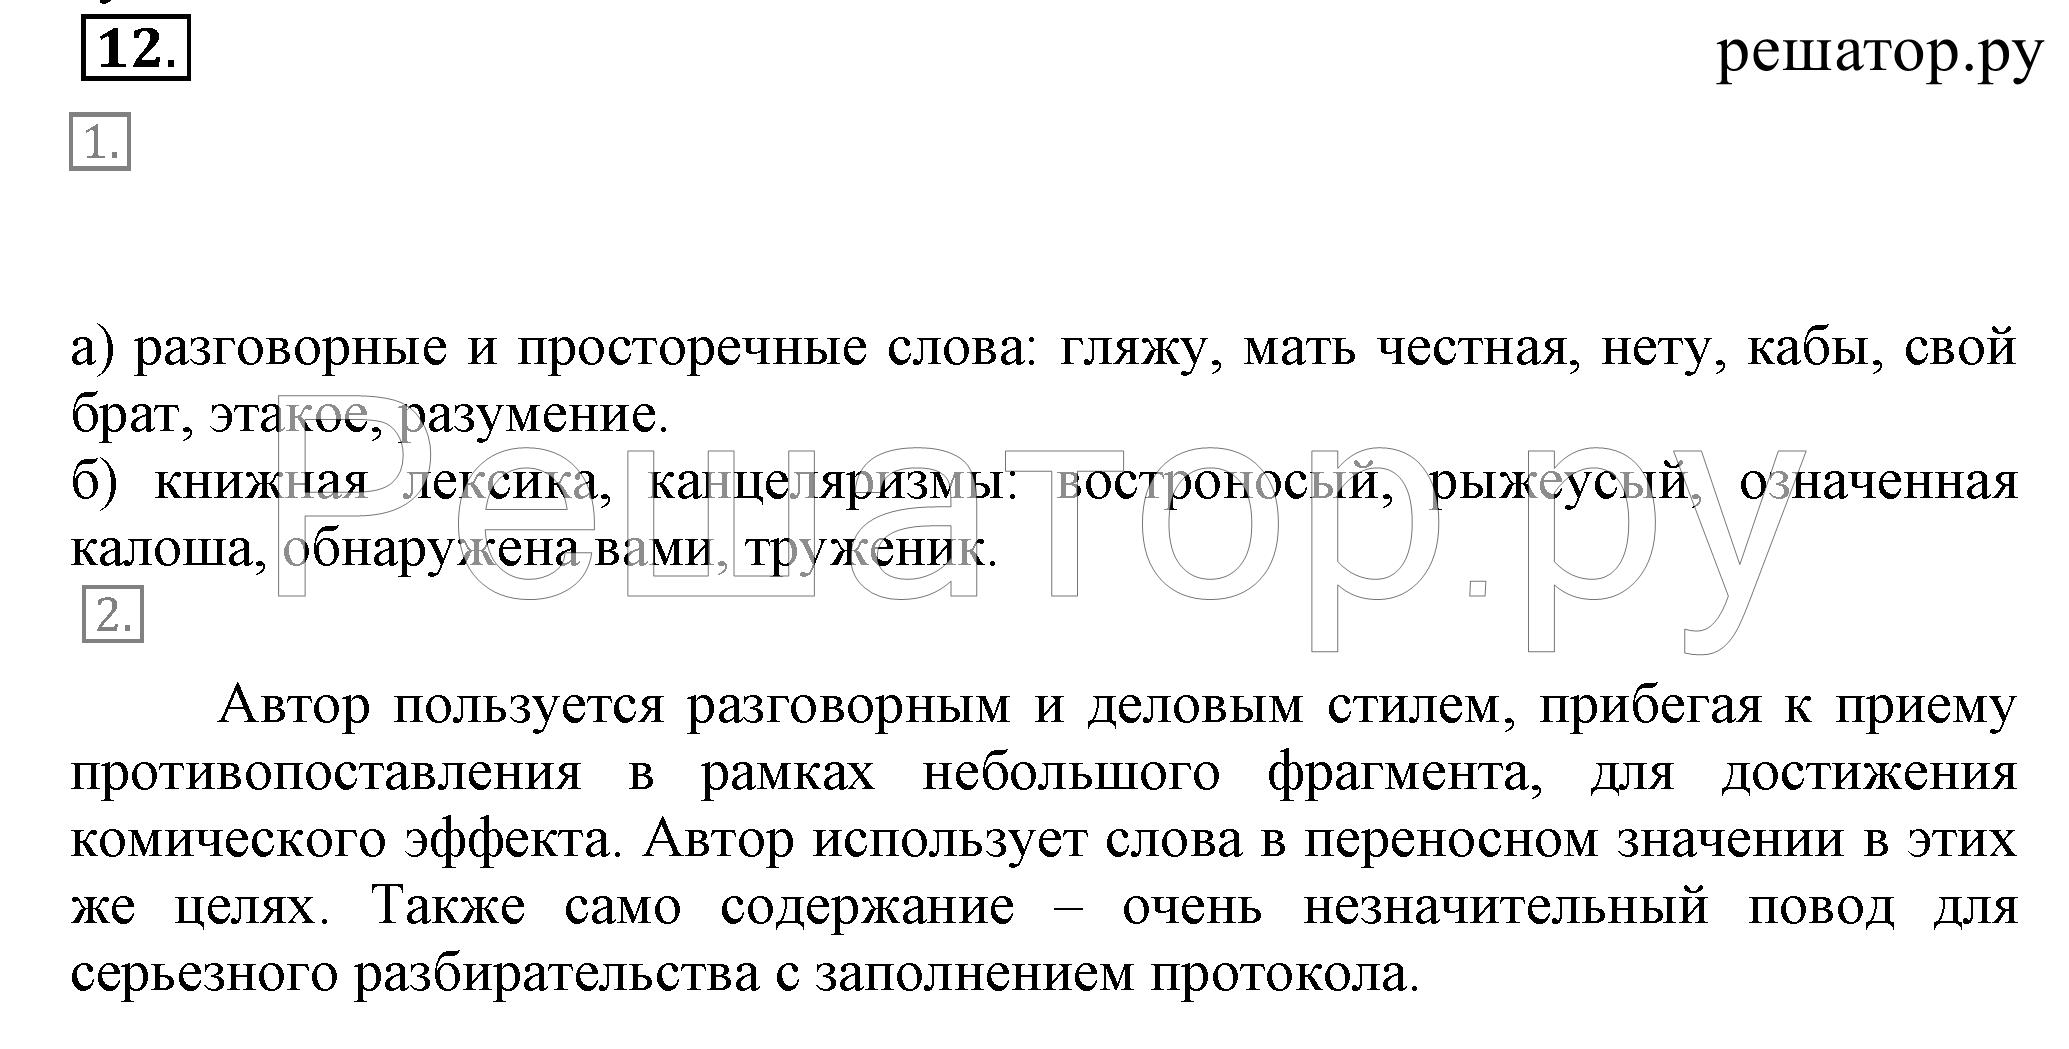 Готовые домашние задания 5 класс русский язык разумовская 2018 год